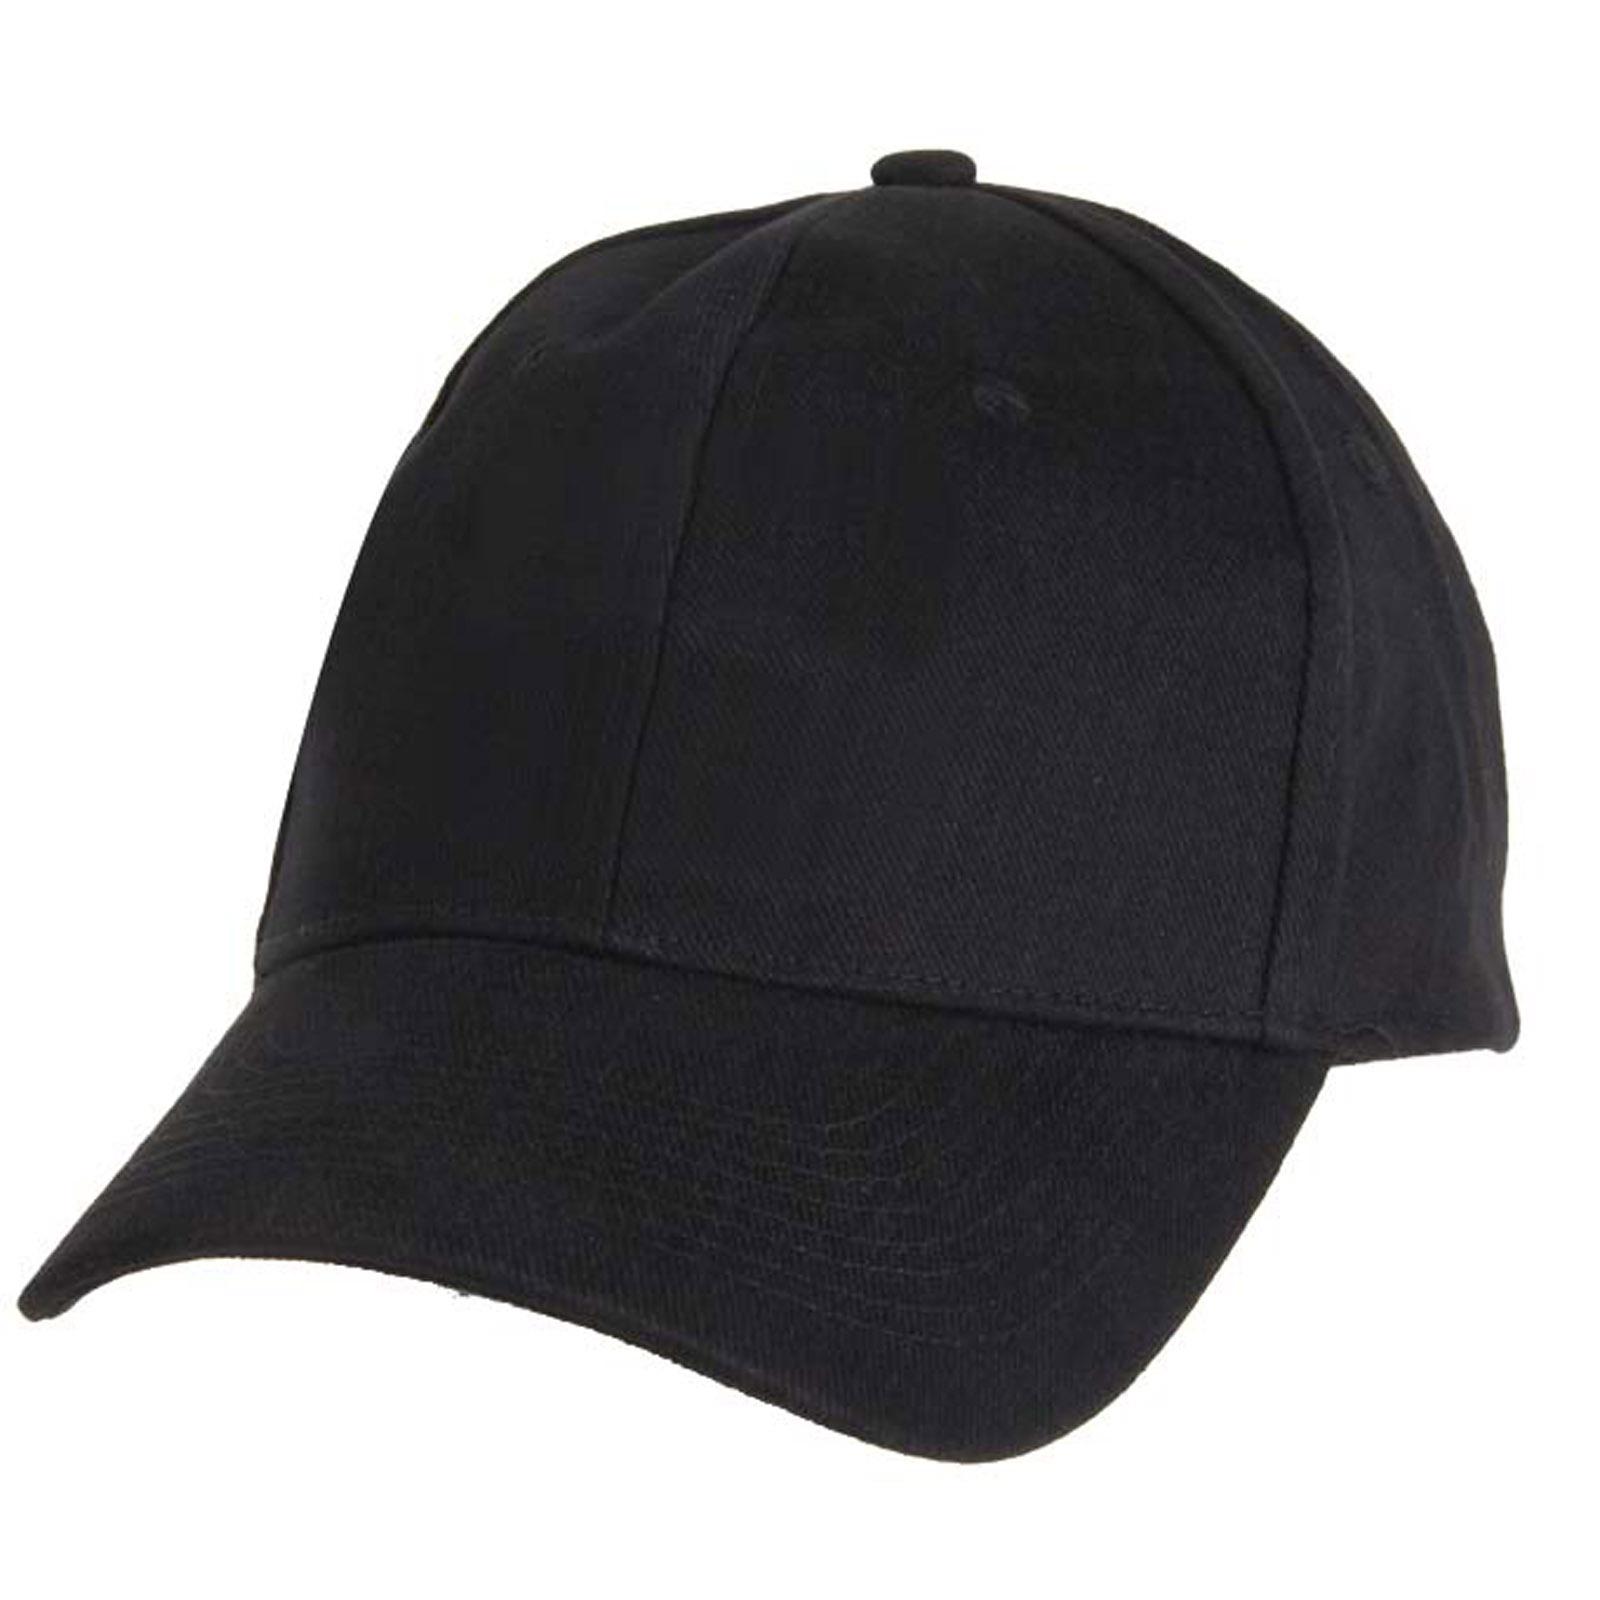 Chef Works BCSOBLK0 chef's hat